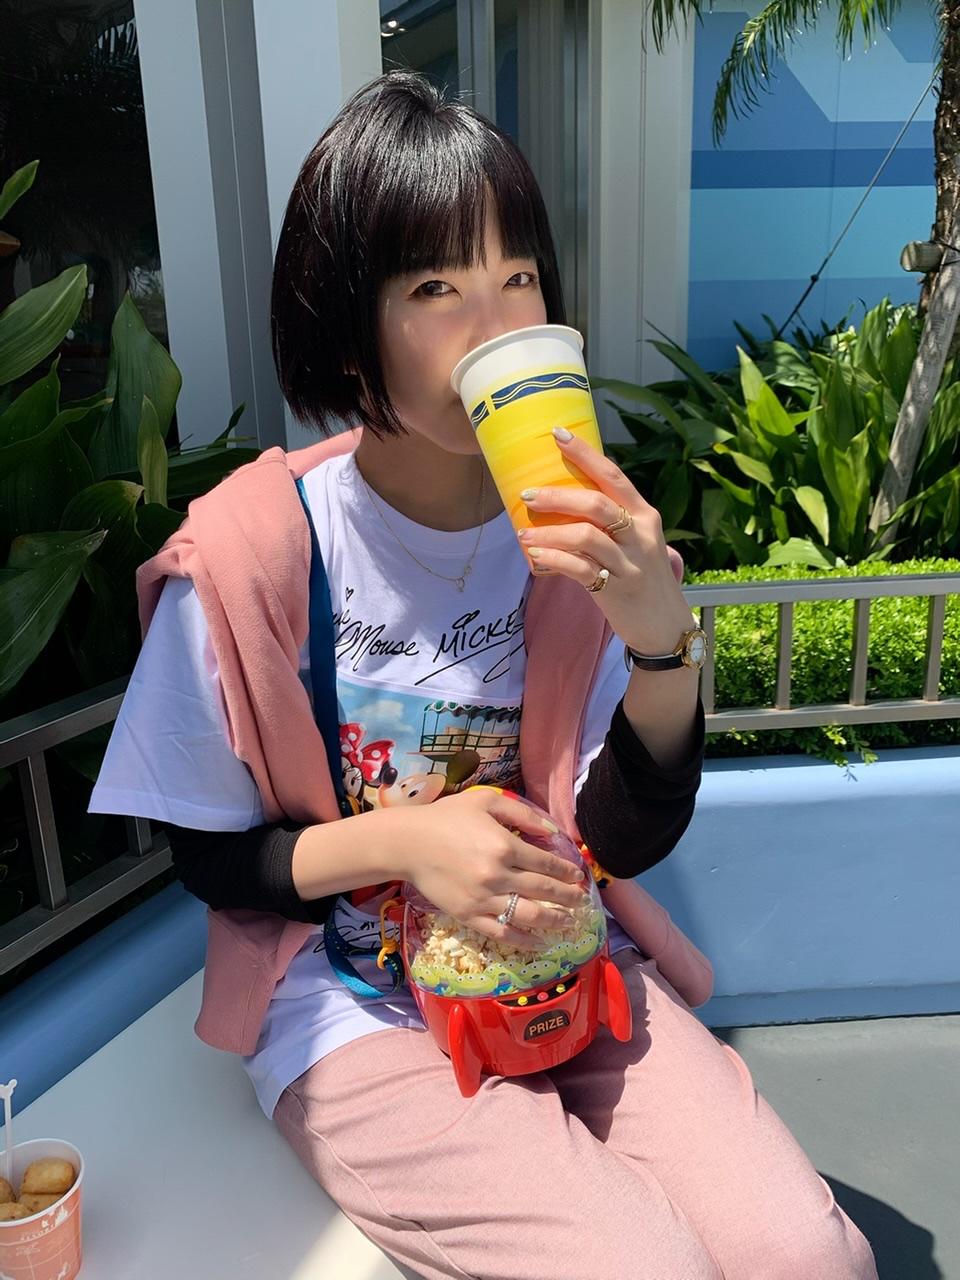 【東京ディズニーランドでもお酒が飲める!】宣言明けに絶対楽しみたい!_1